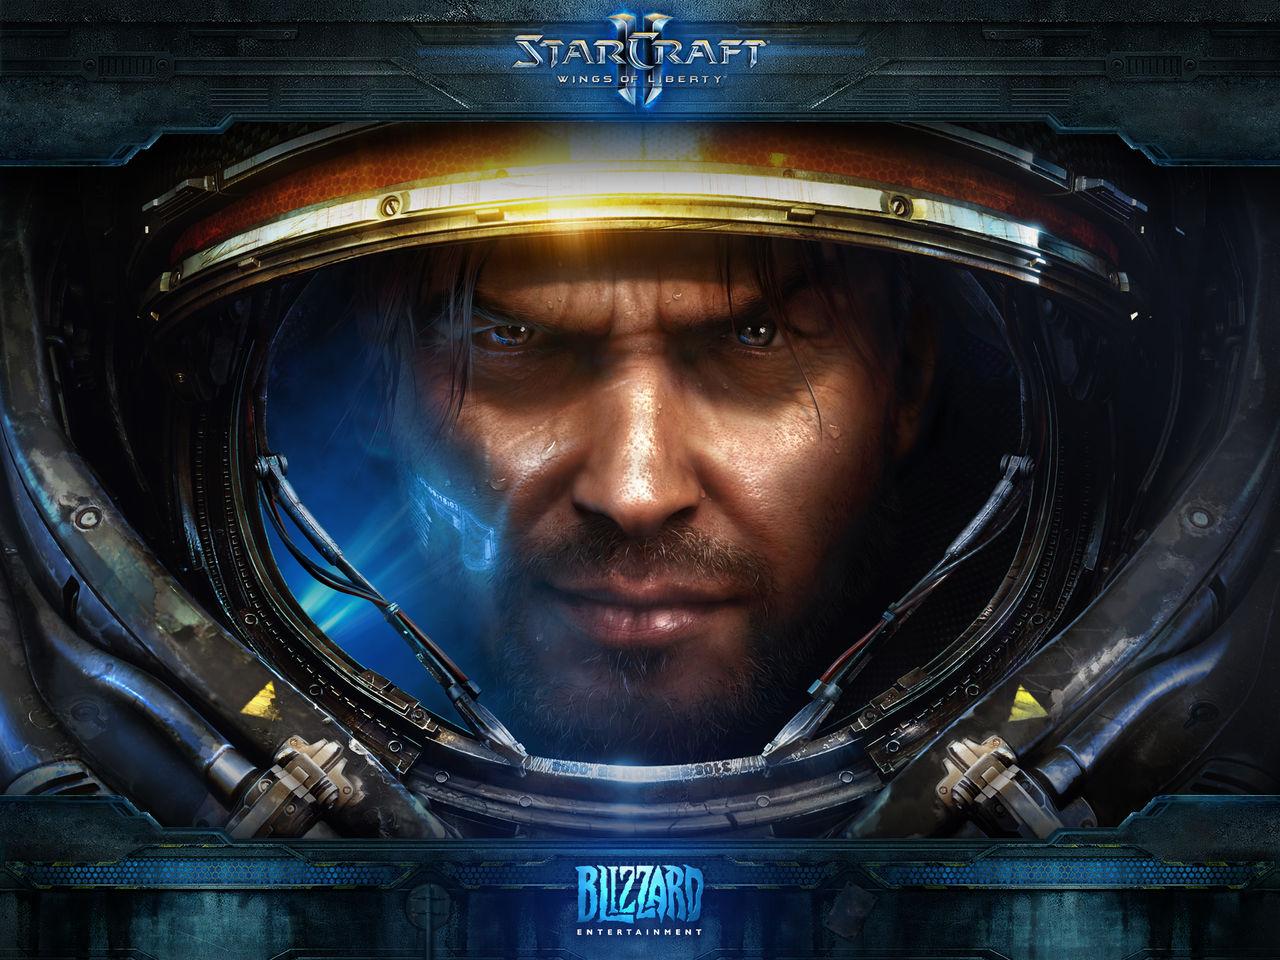 Blizzard ryktas ha skrotat Starcraft-fps